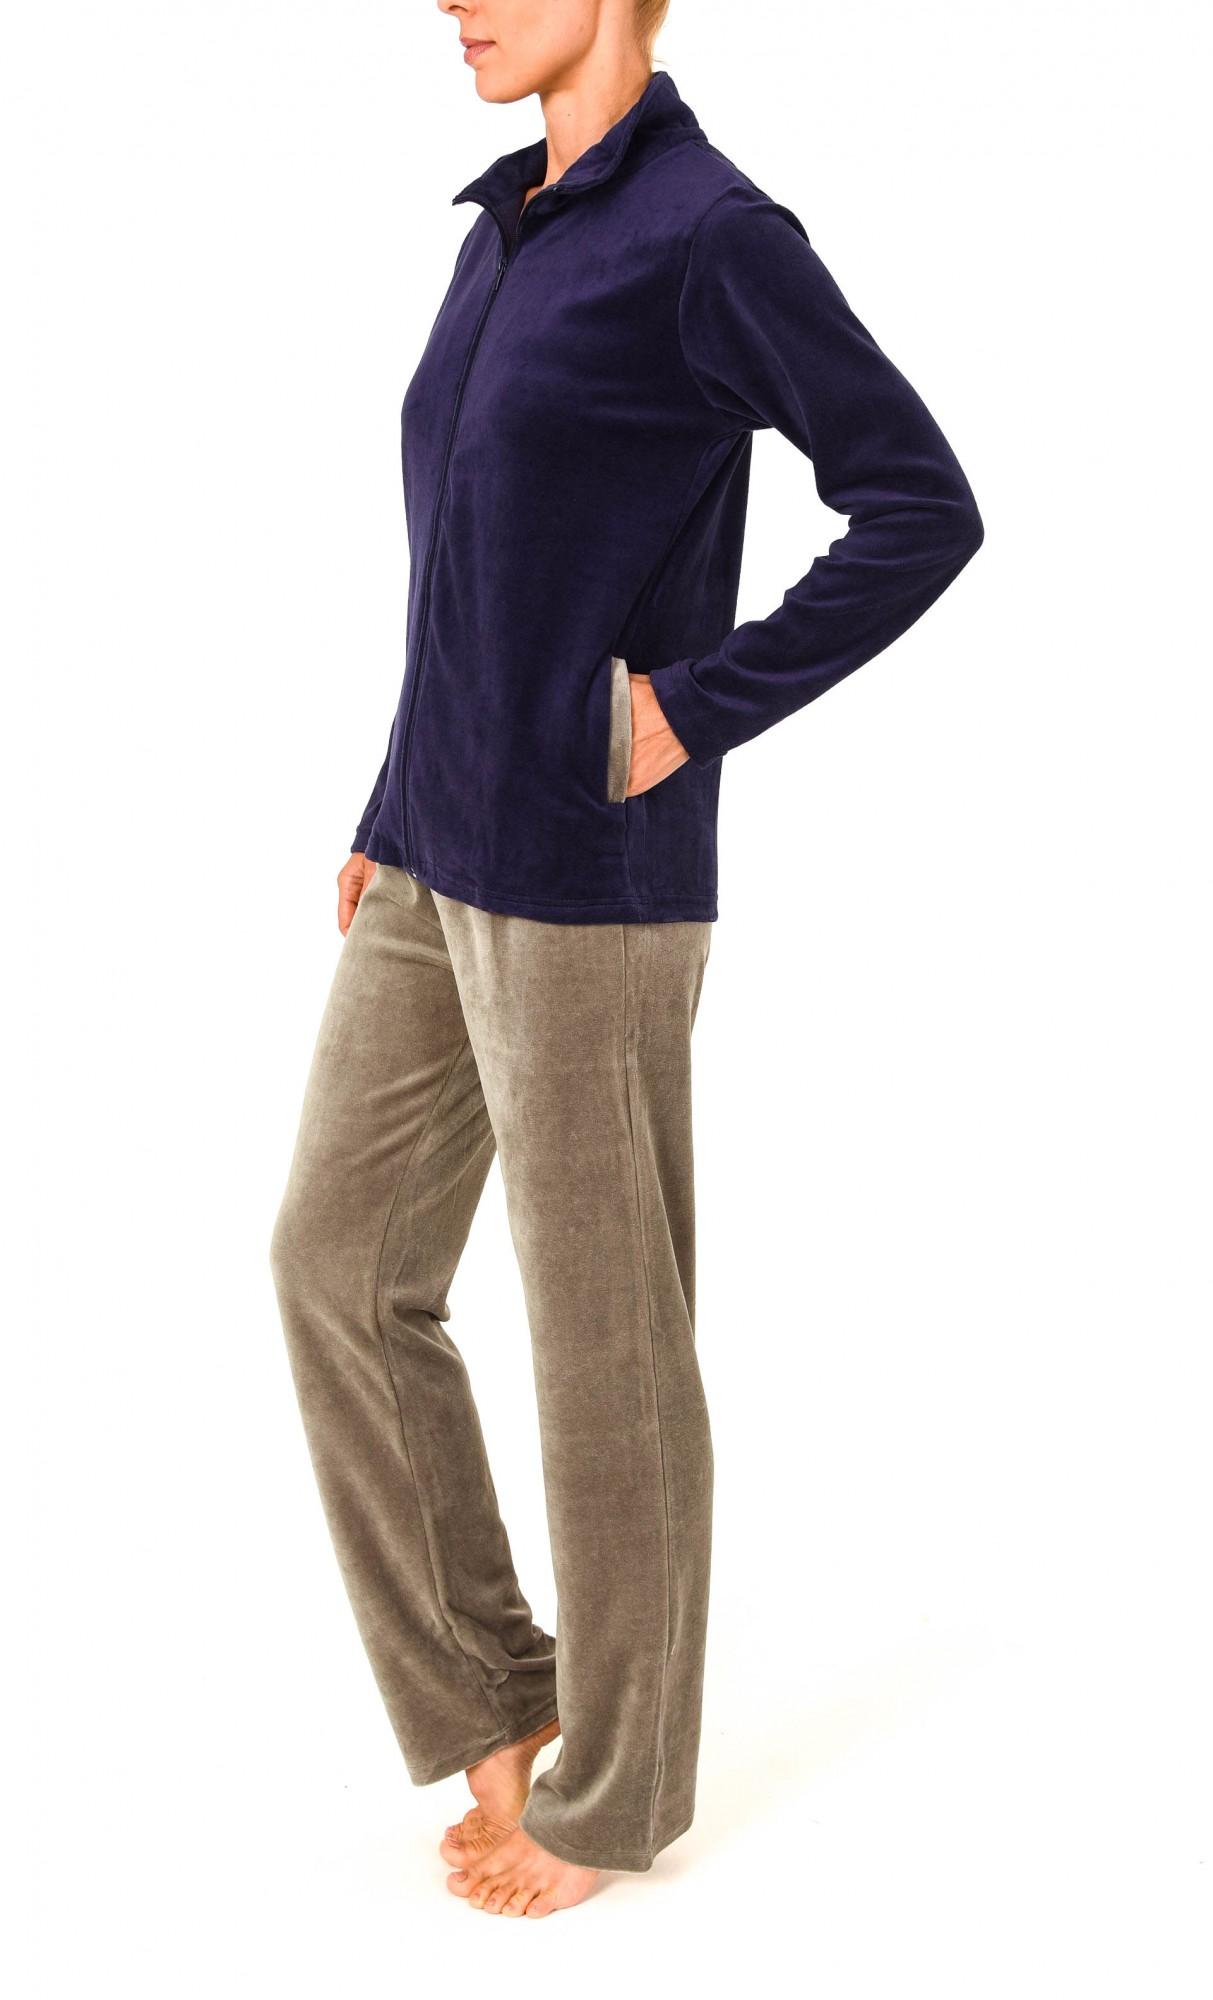 Damen Hausanzug  Homewear Nicky Velvet - 57672 – Bild 3